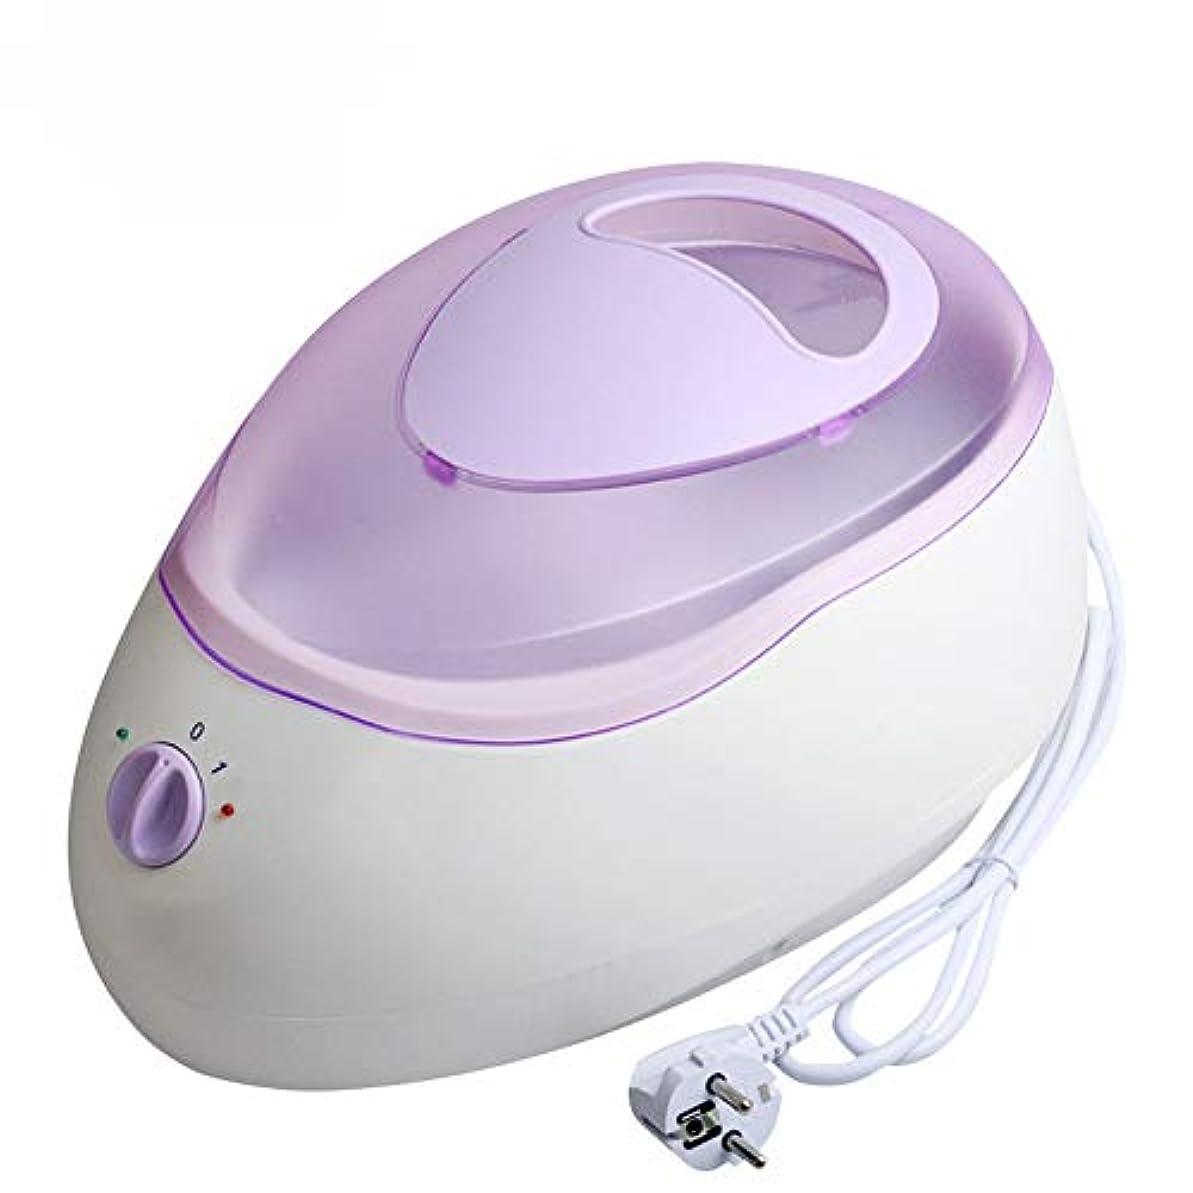 予感遠えブラインド2.3 Lパラフィンヒーター療法バスワックスポットウォーマービューティーサロンスパ美容器機スキンケアツールワックスヒーター,紫色